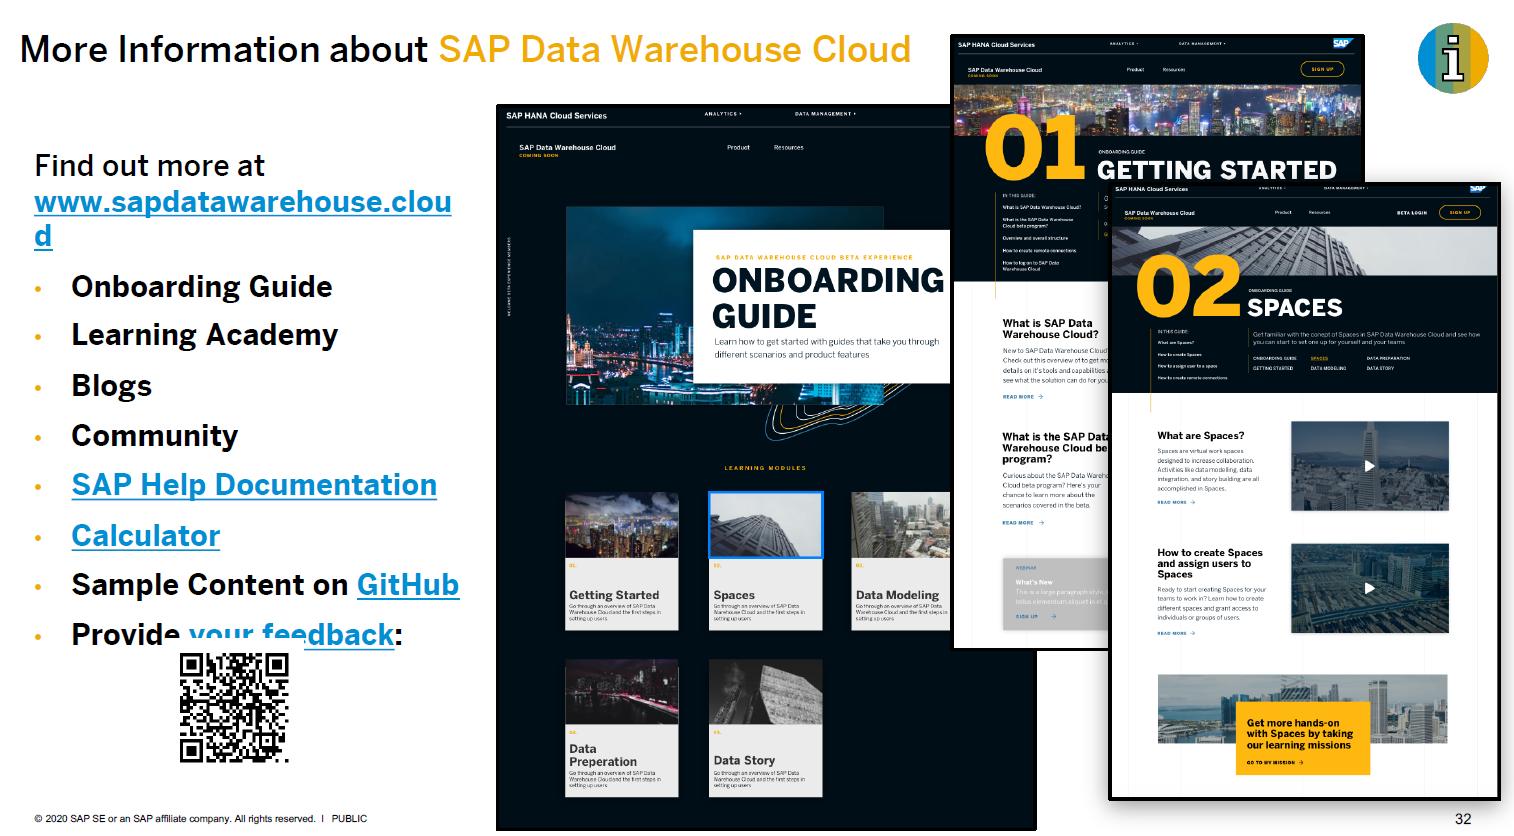 Mehr Informationen zu SAP Data Warehouse Cloud